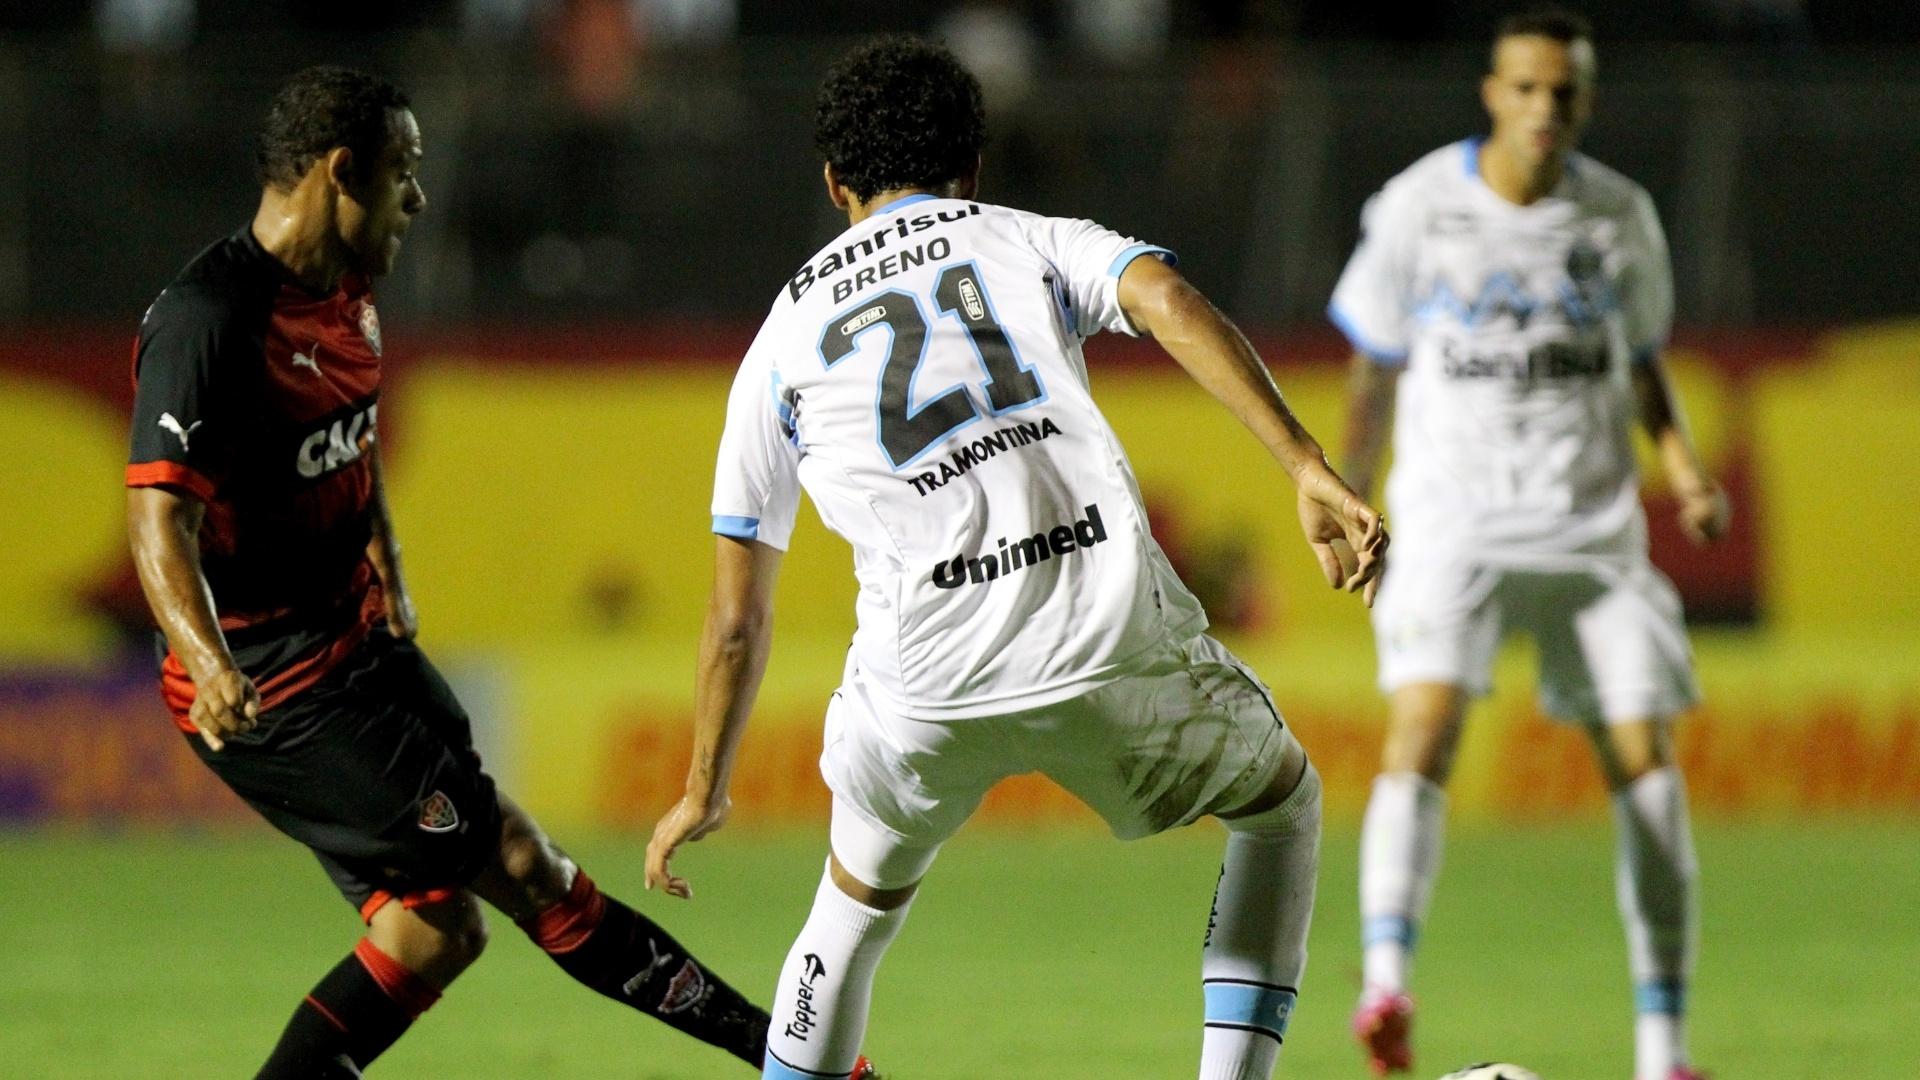 02.ago.2014 - Marcinho, do Vitória, encara a marcação do gremista Breno durante o jogo válido pelo Brasileirão